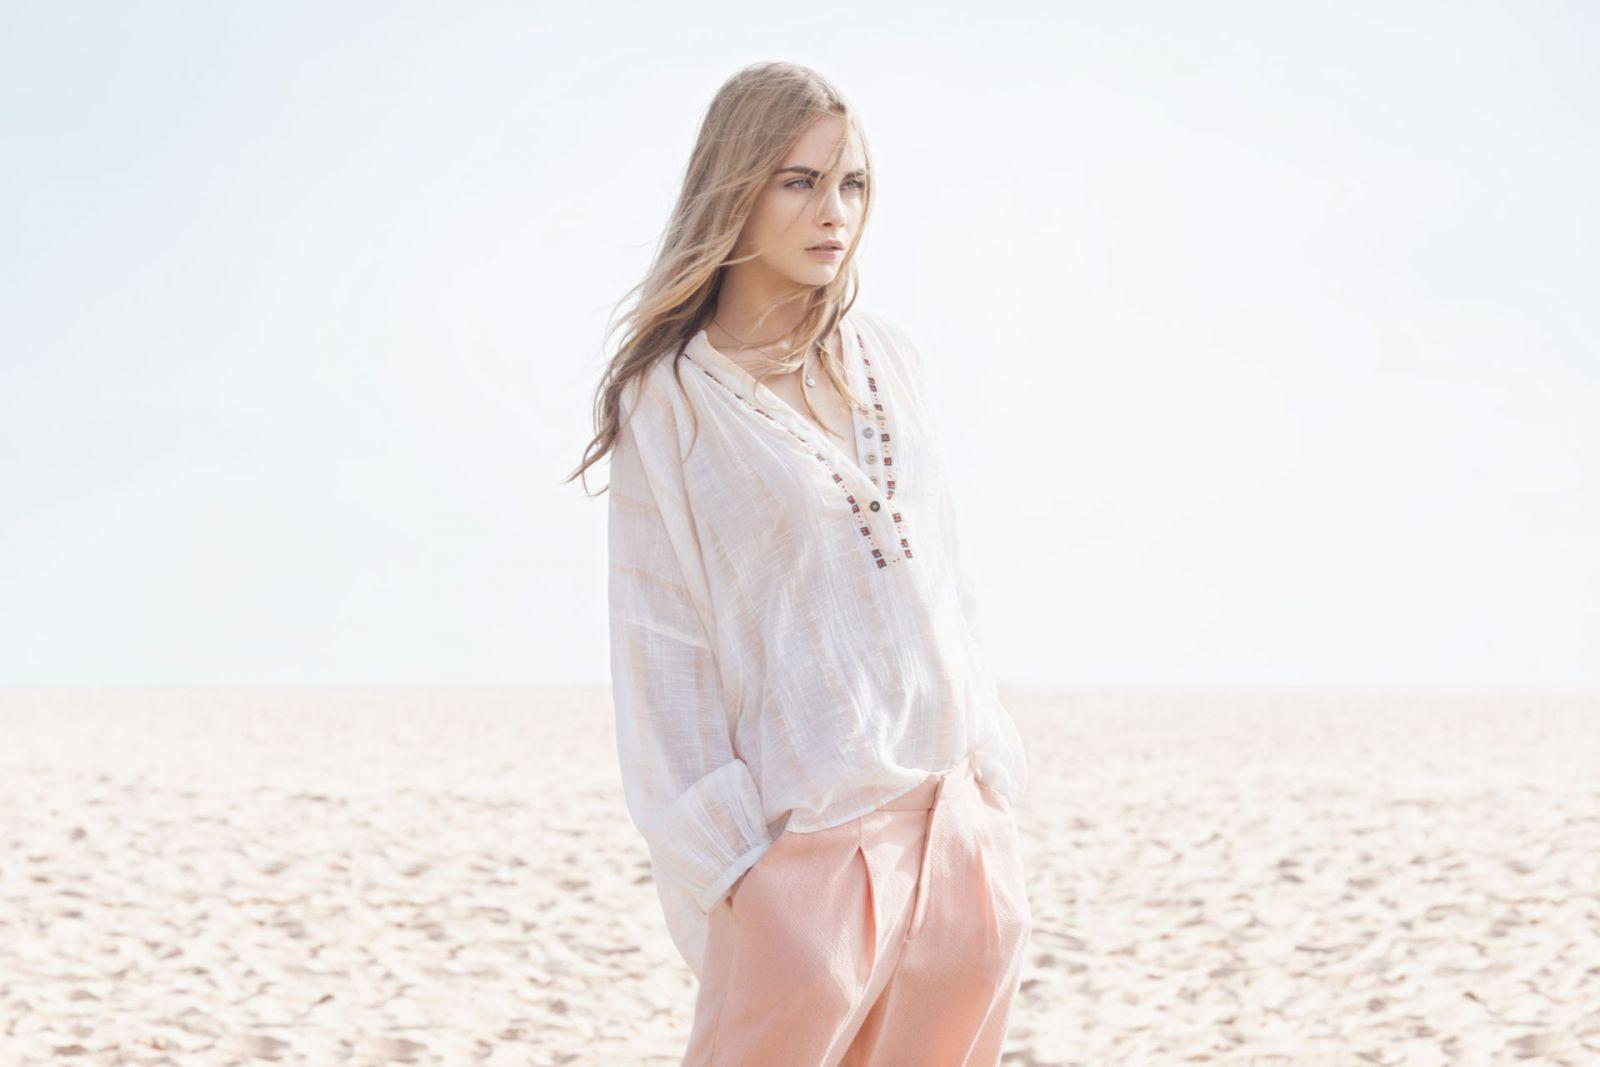 Скандальное интервью: Кара Делевинь честно рассказала, почему ушла из модельного бизнеса - фото №5